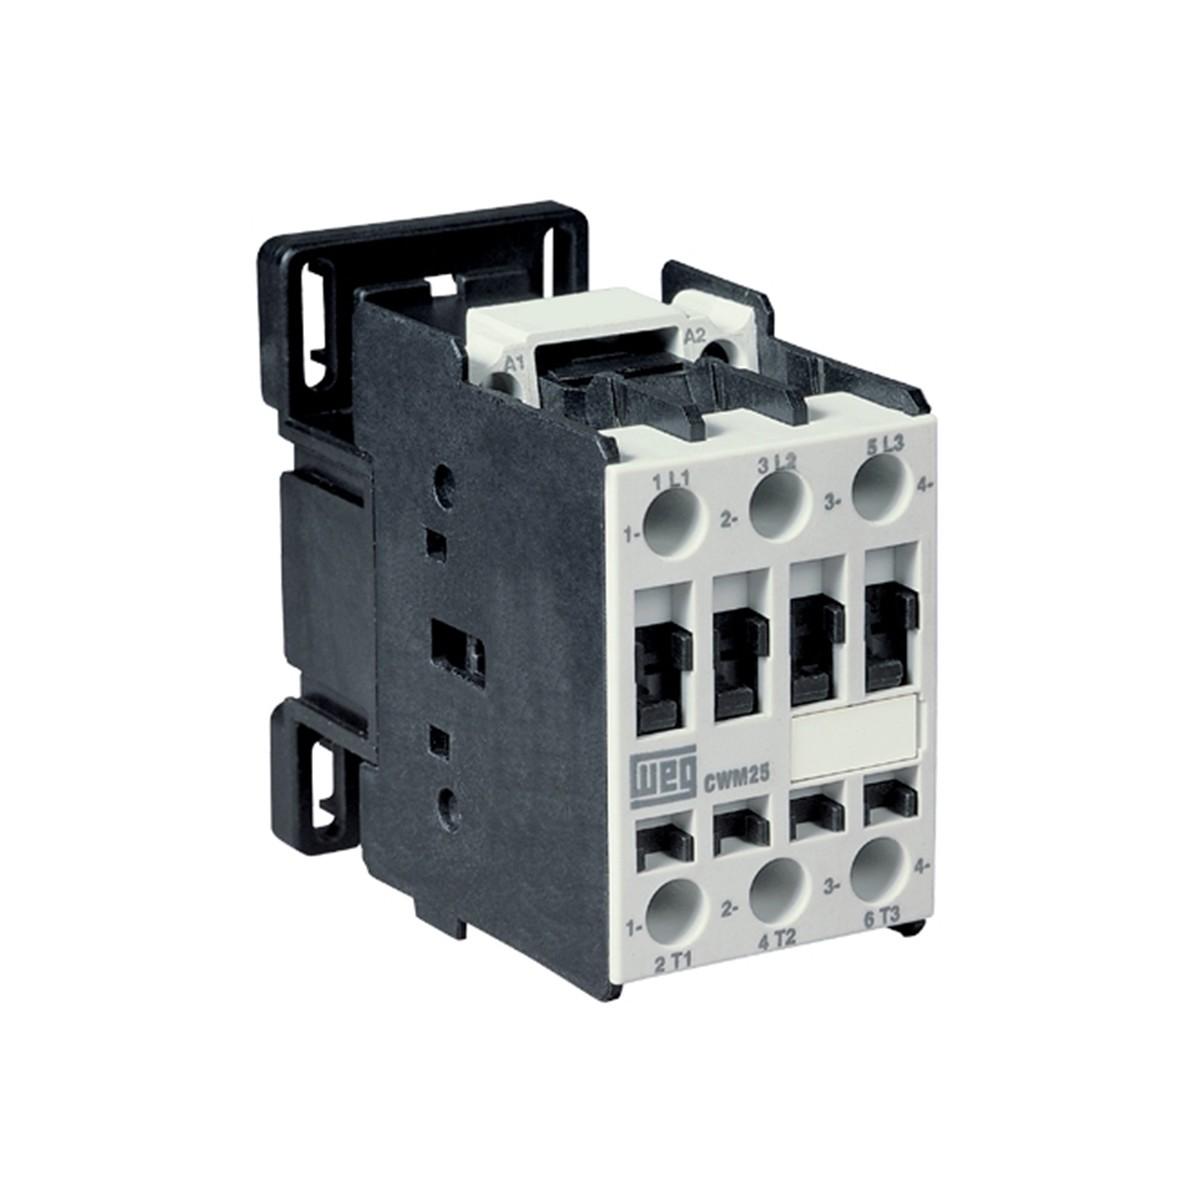 Contator de Potencia Trifasico 250A 190V 50 Hz e 220V 60 Hz - WEG